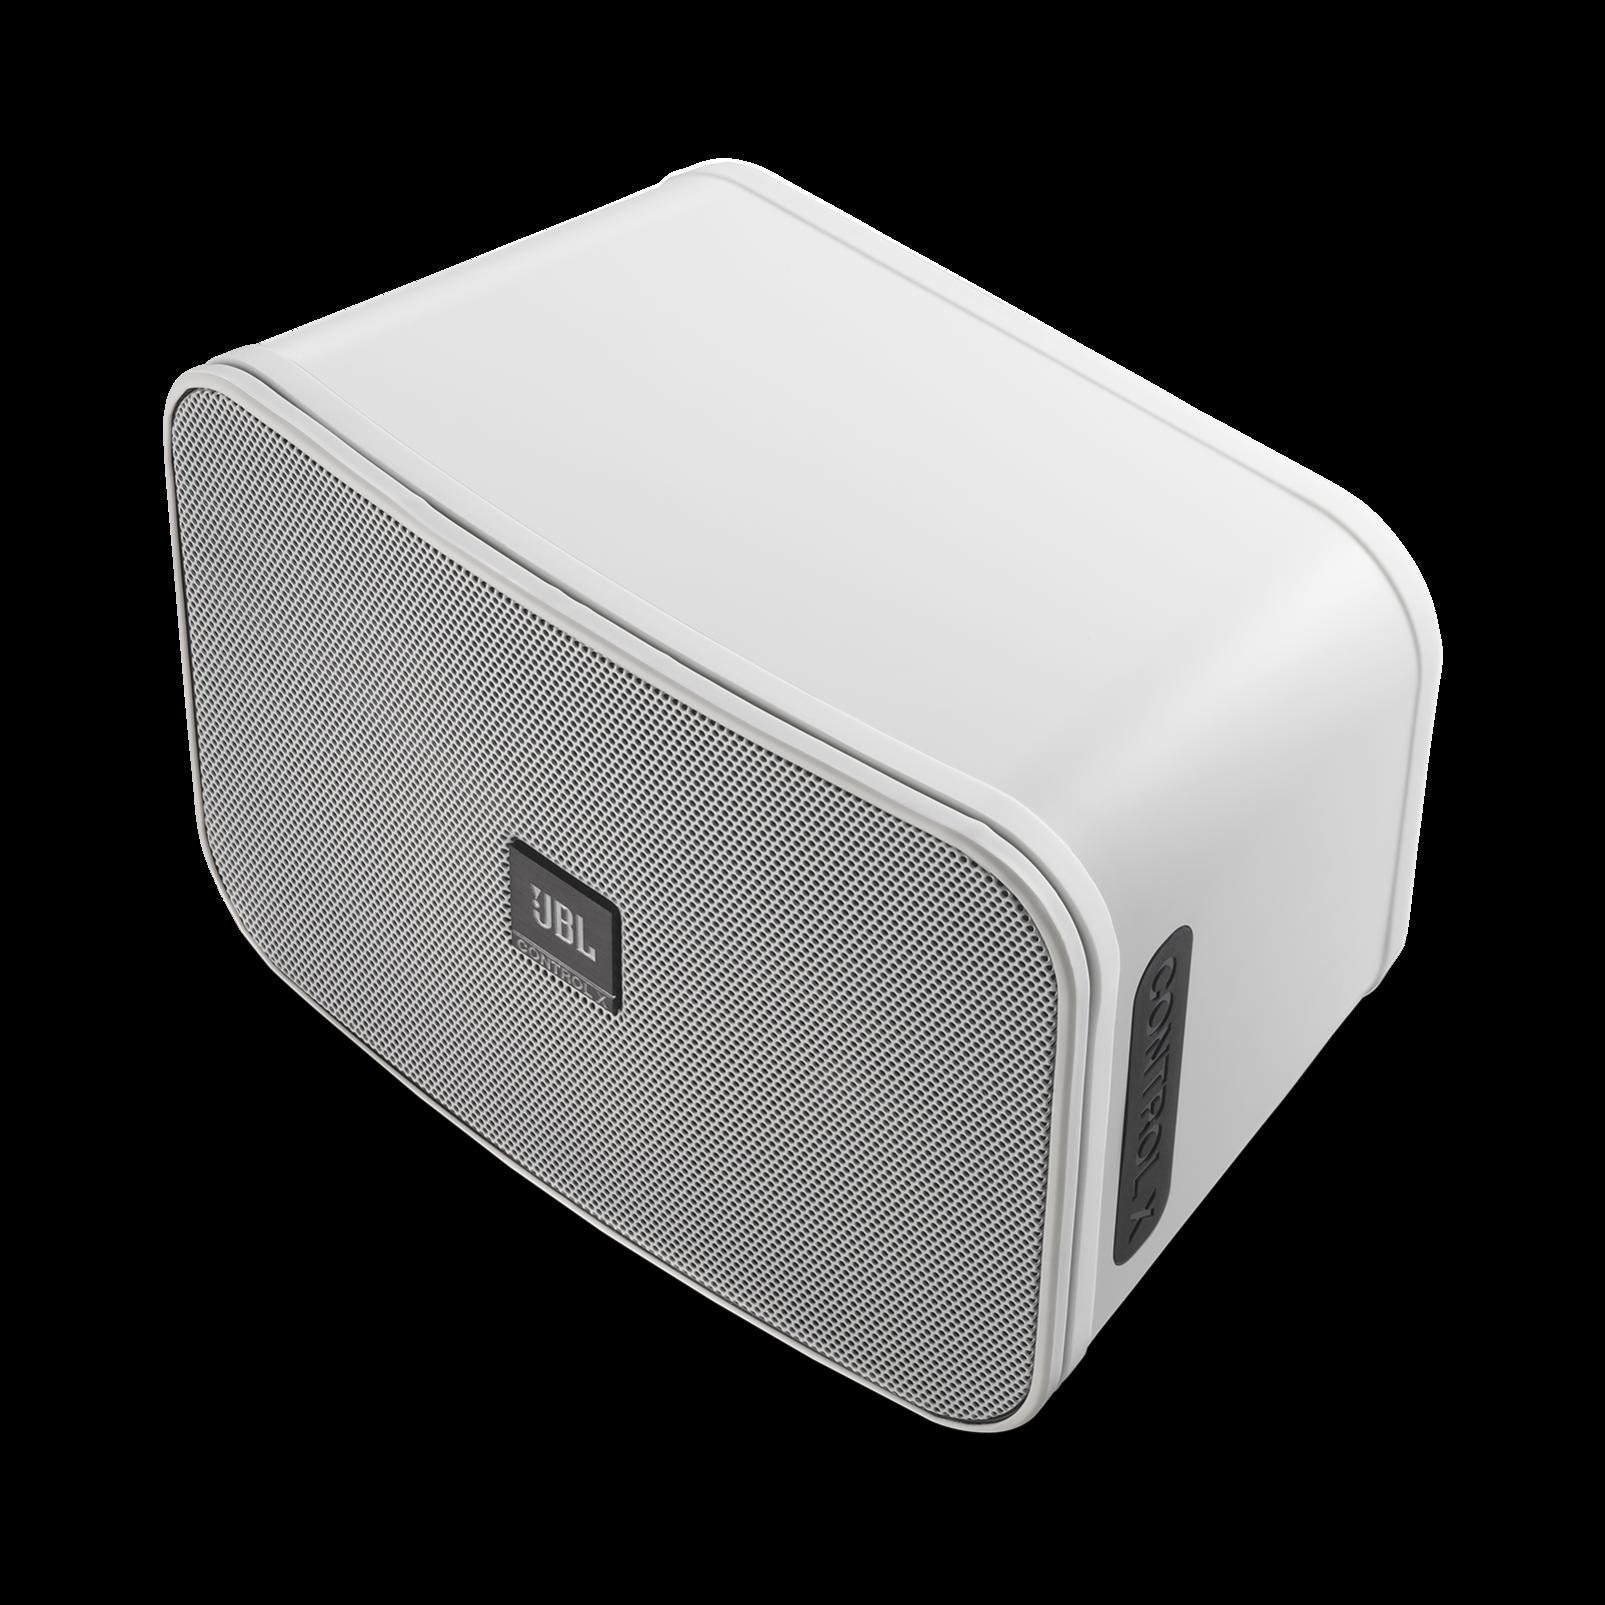 """JBL Control X - White - 5.25"""" (133mm) Indoor / Outdoor Speakers - Detailshot 17"""